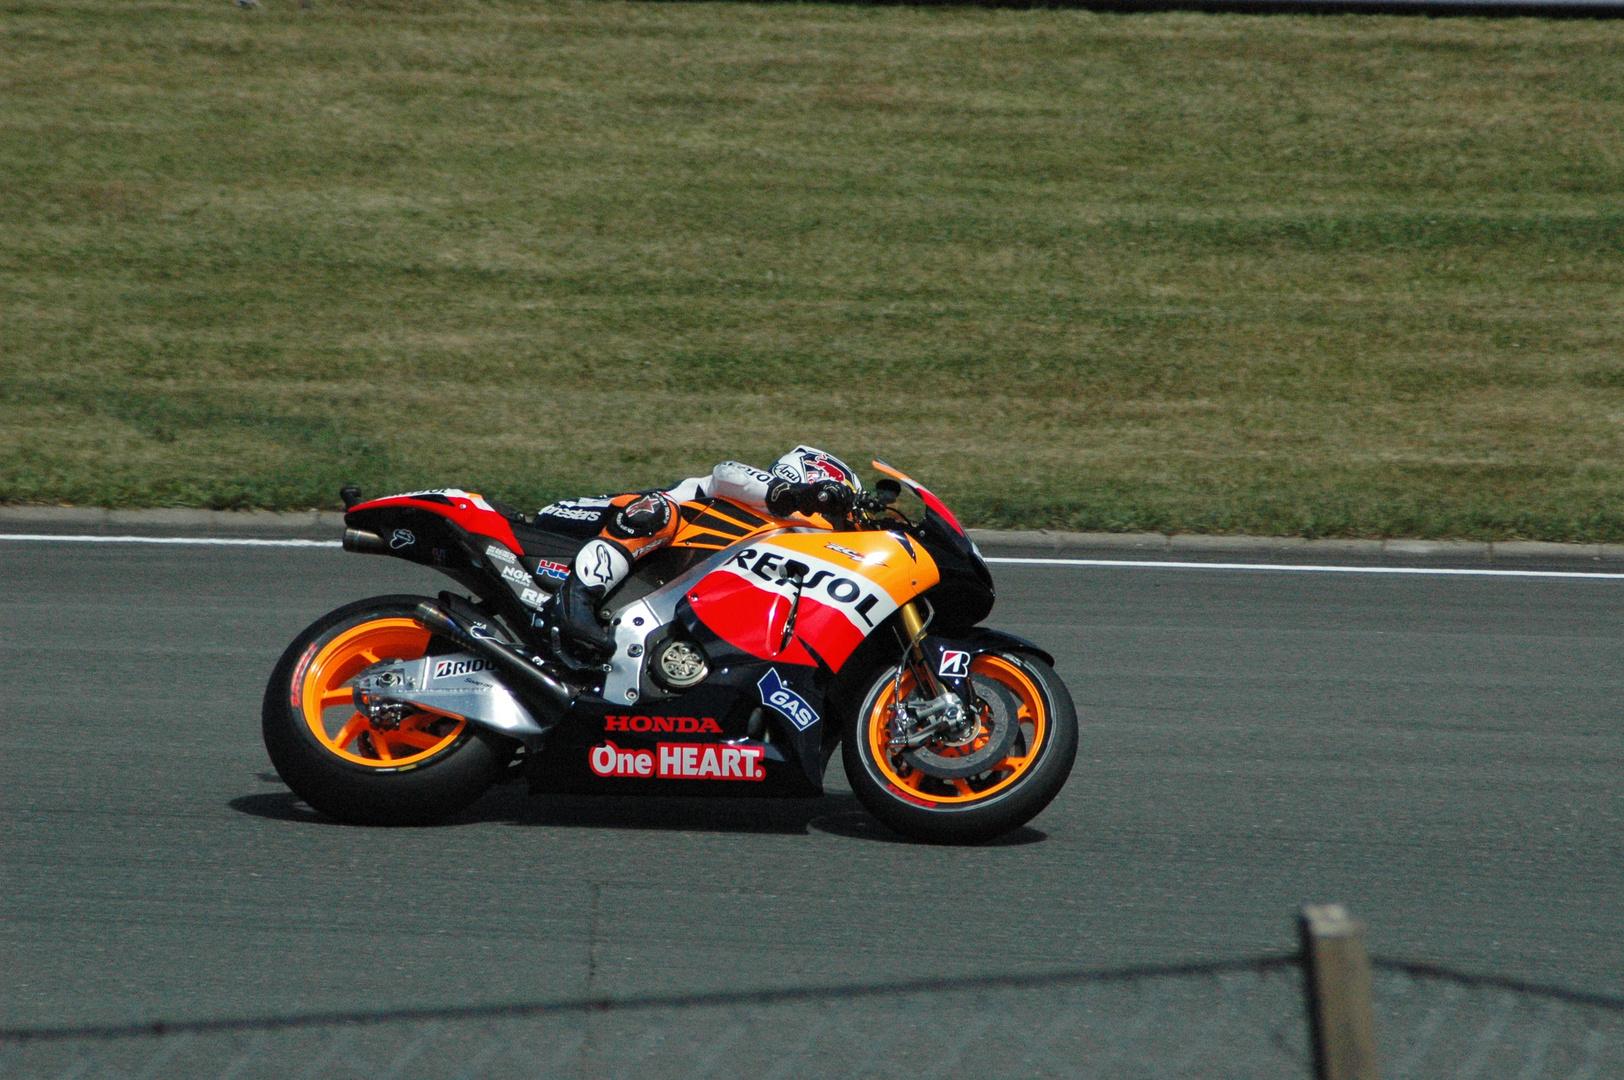 Moto GP 2011 (1)